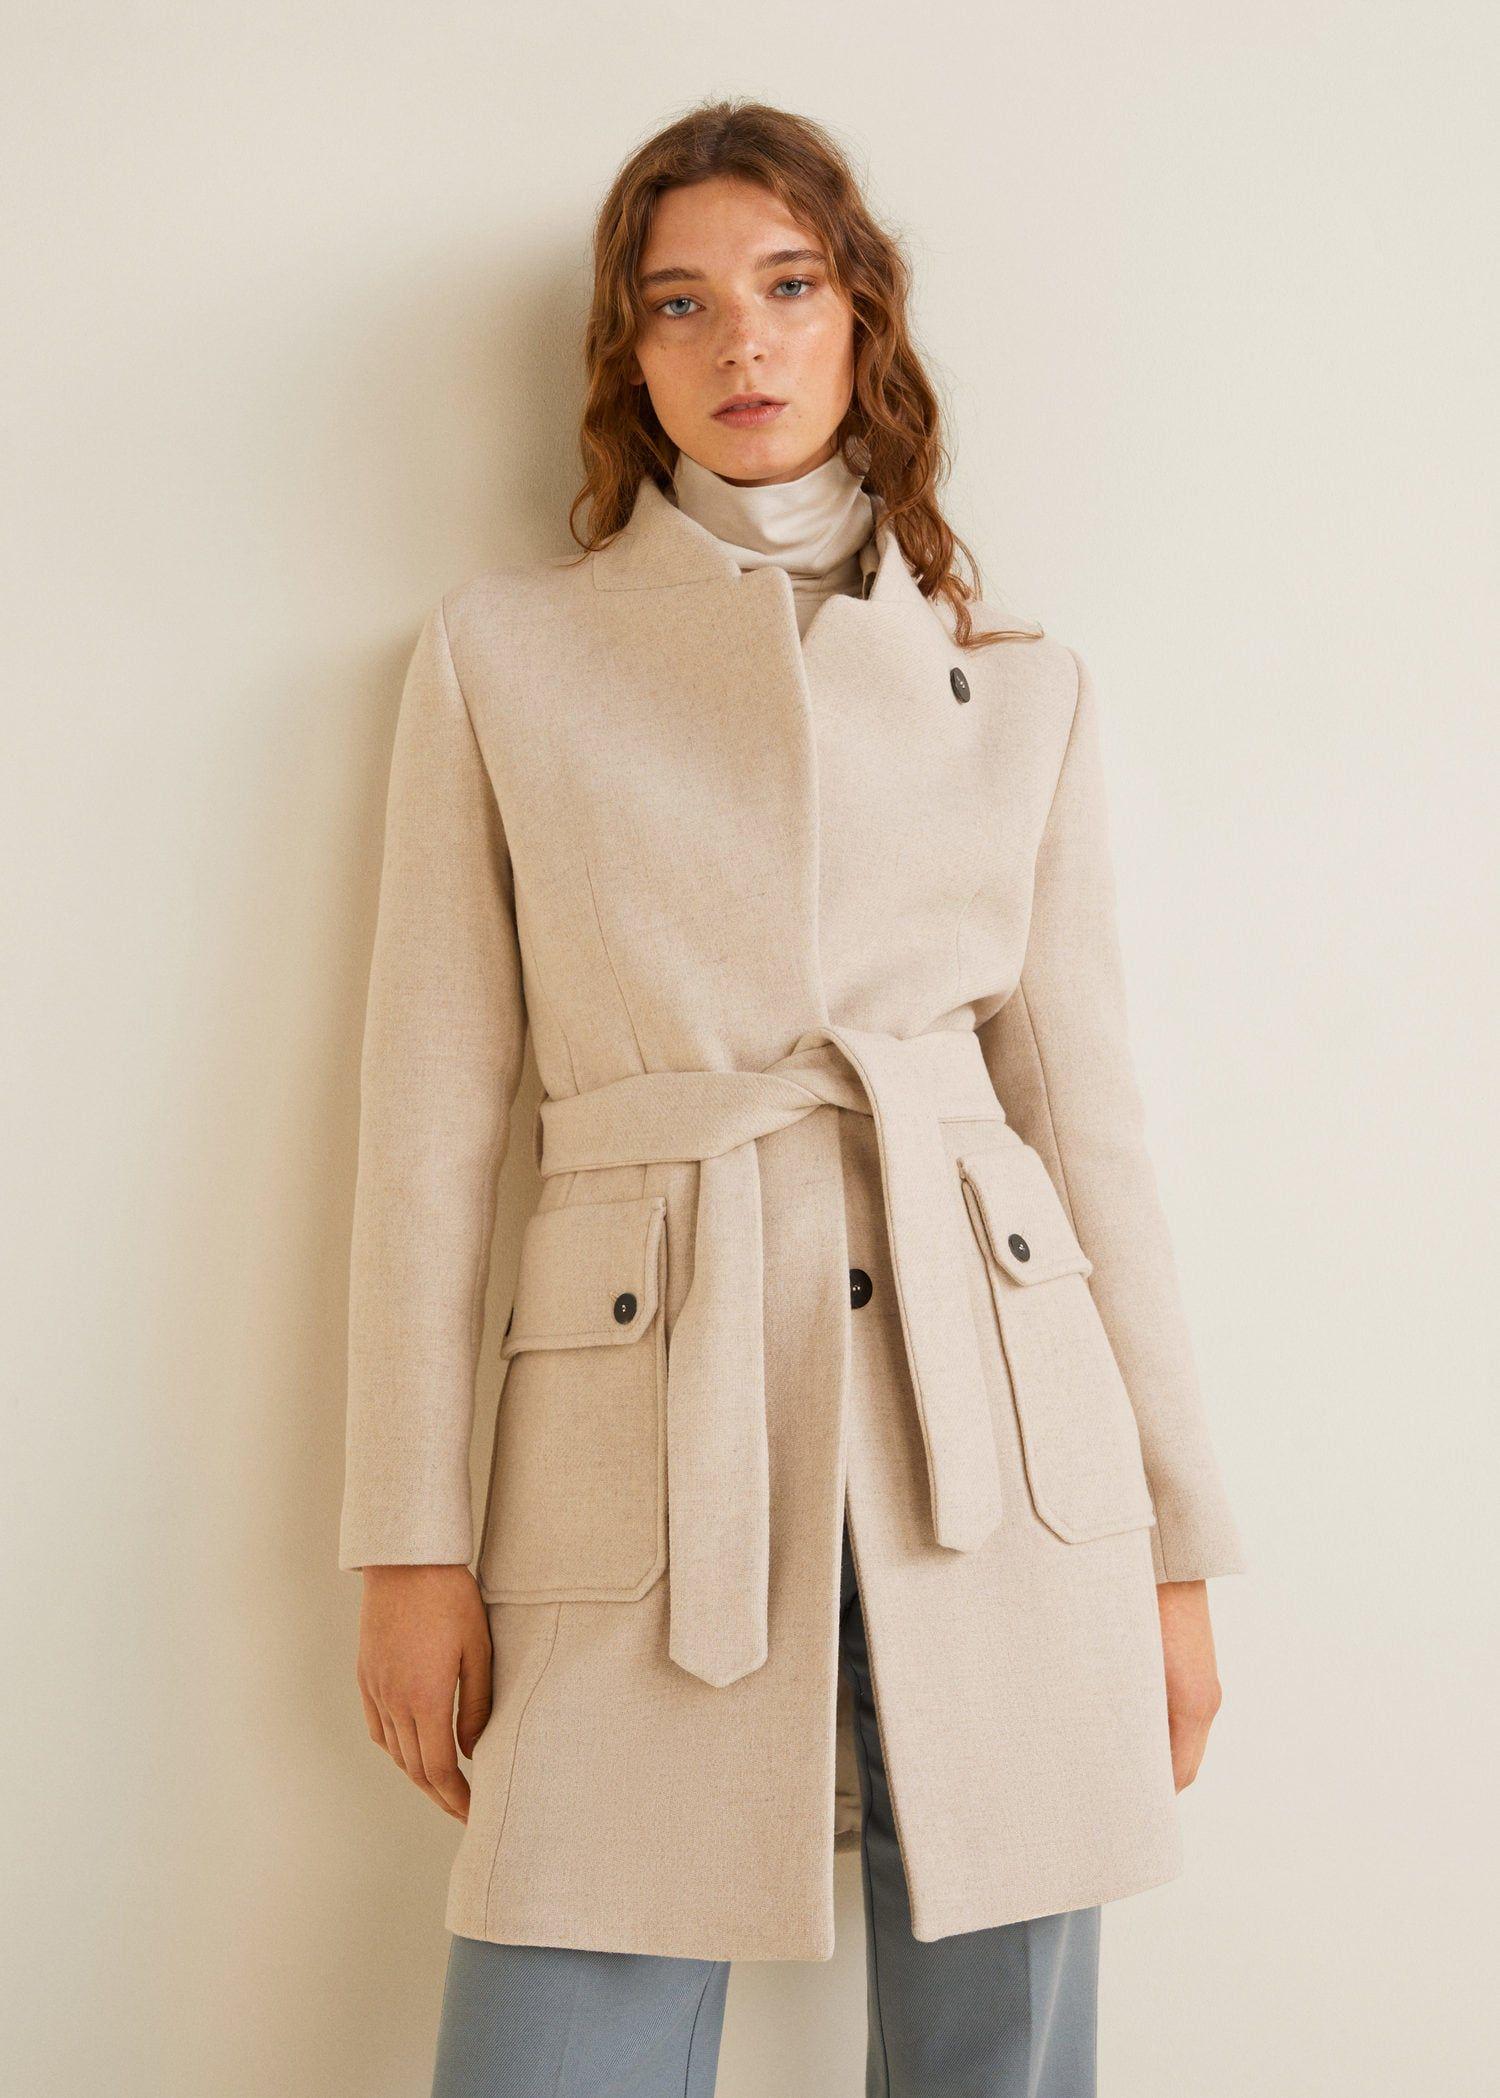 e865751853a Mango MARTE Manteau en laine avec ceinture -  Mango  ManteauMango  modefemme   ManteauFemme  Iziva  tendances  manteau  manteaux